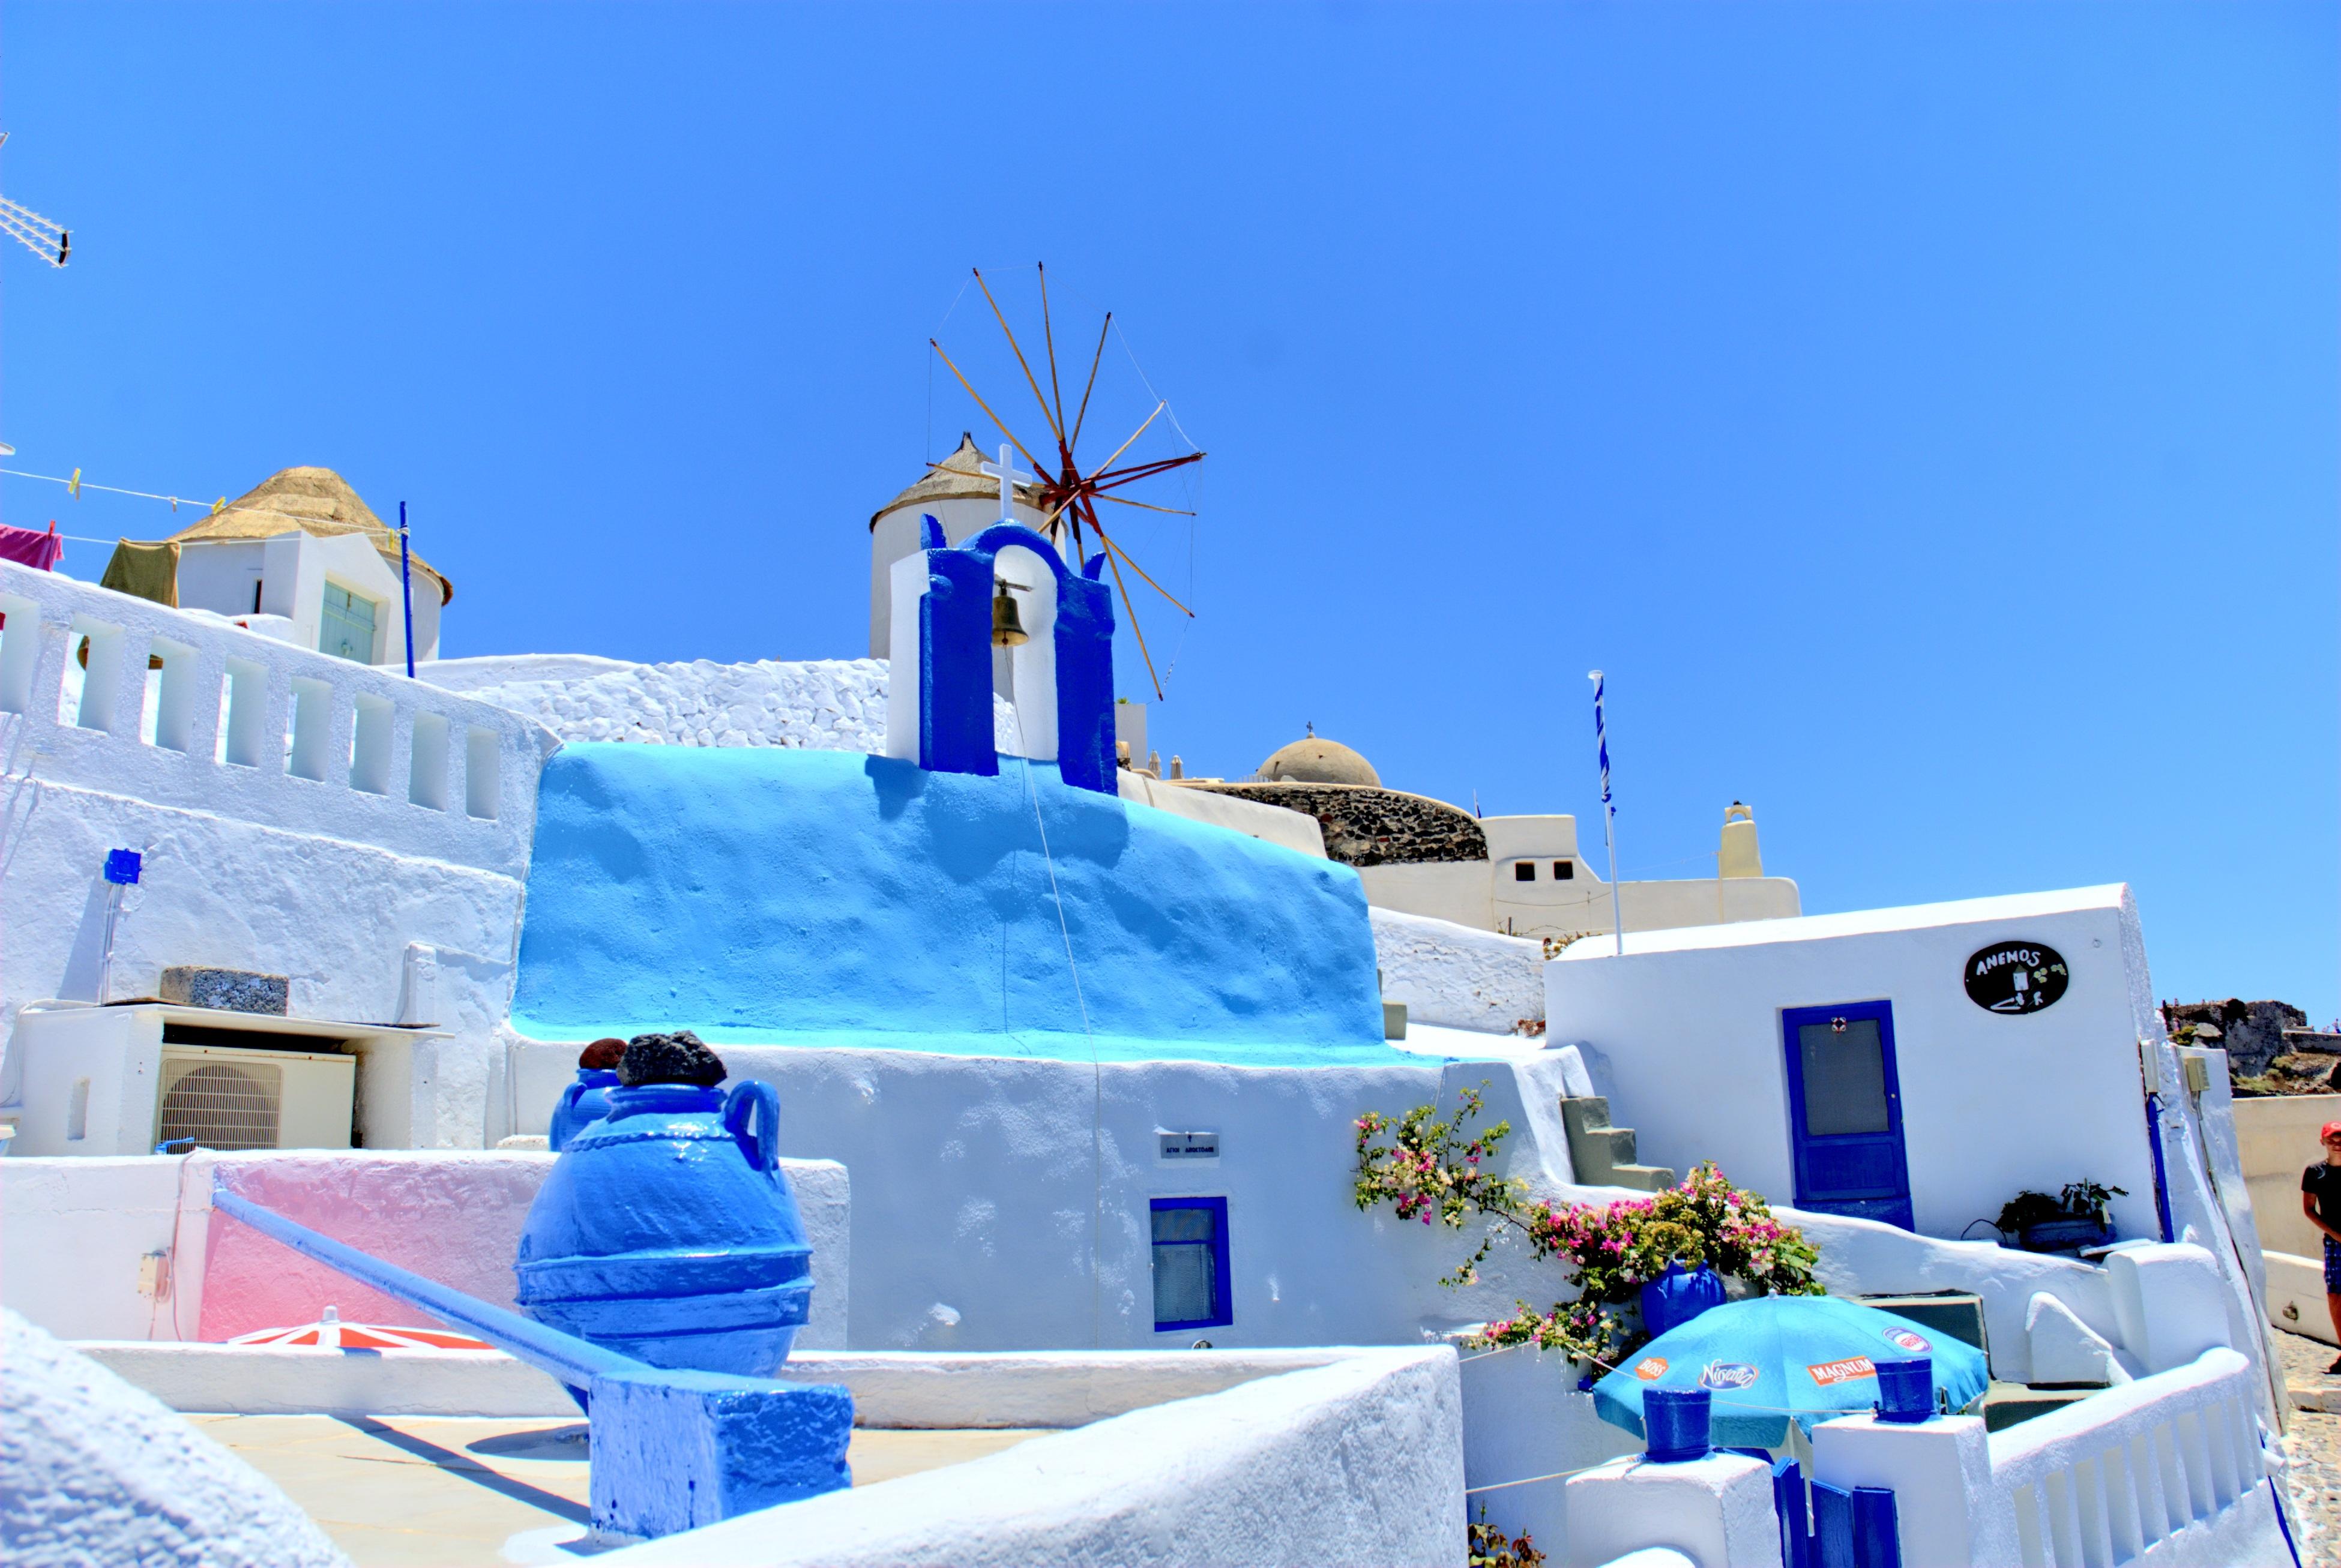 playa paisaje mar agua naturaleza verano vacaciones fiesta azul santorini recurso vacaciones grecia parque acuatico el